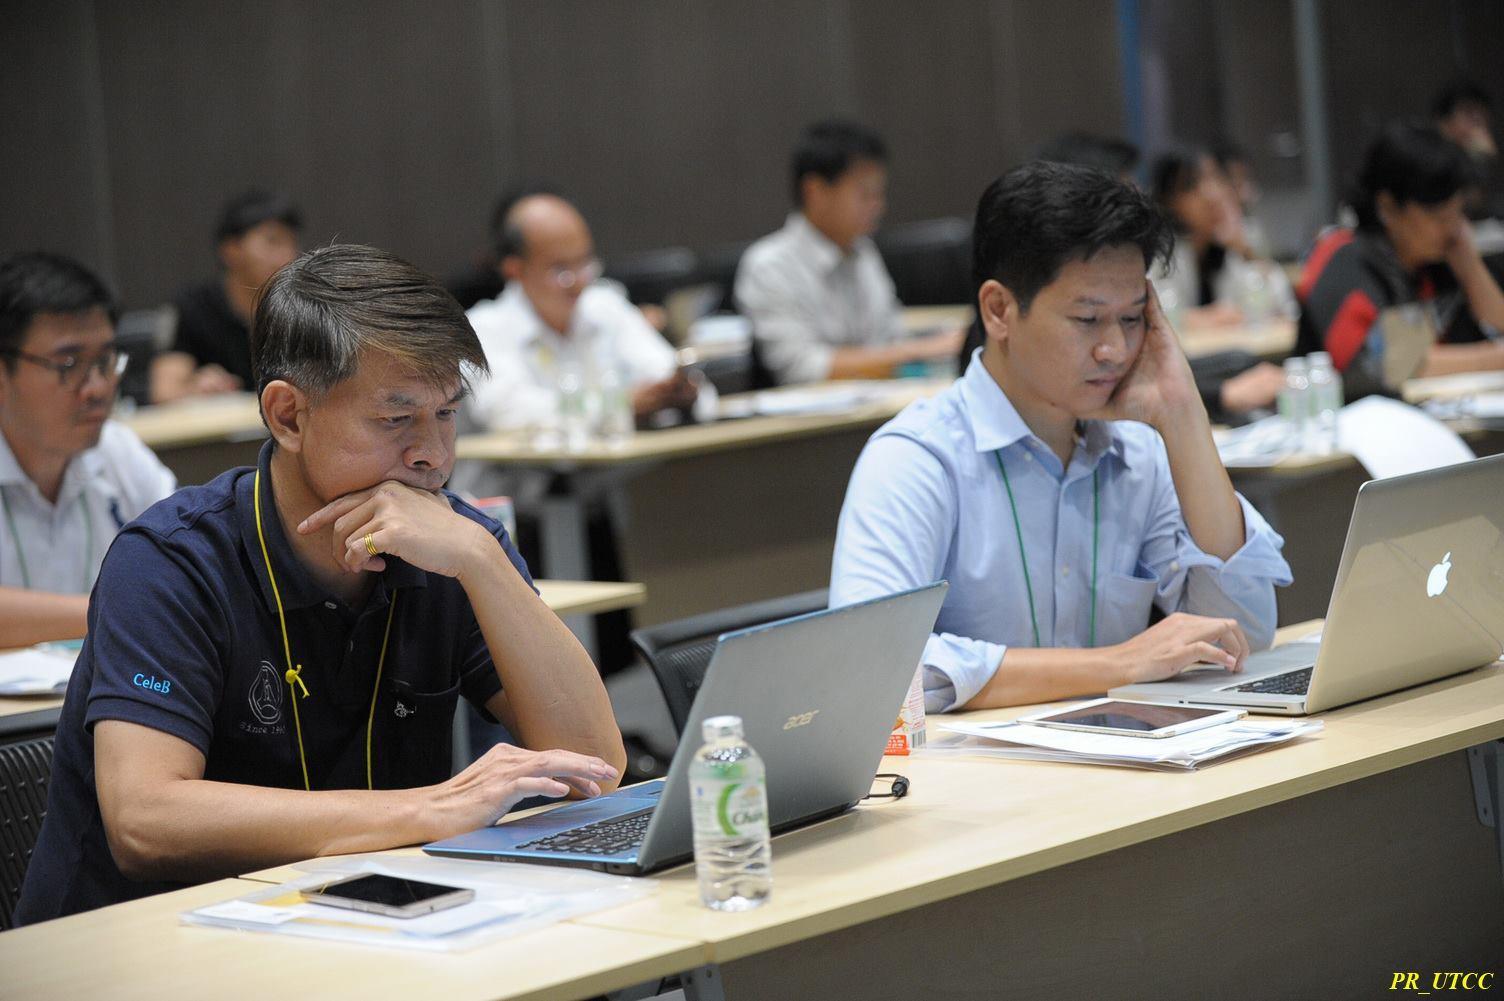 บรรยากาศการอบรบกึ่ง Workshop Alibaba ของ eTouch ร่วมกับ YellowPages